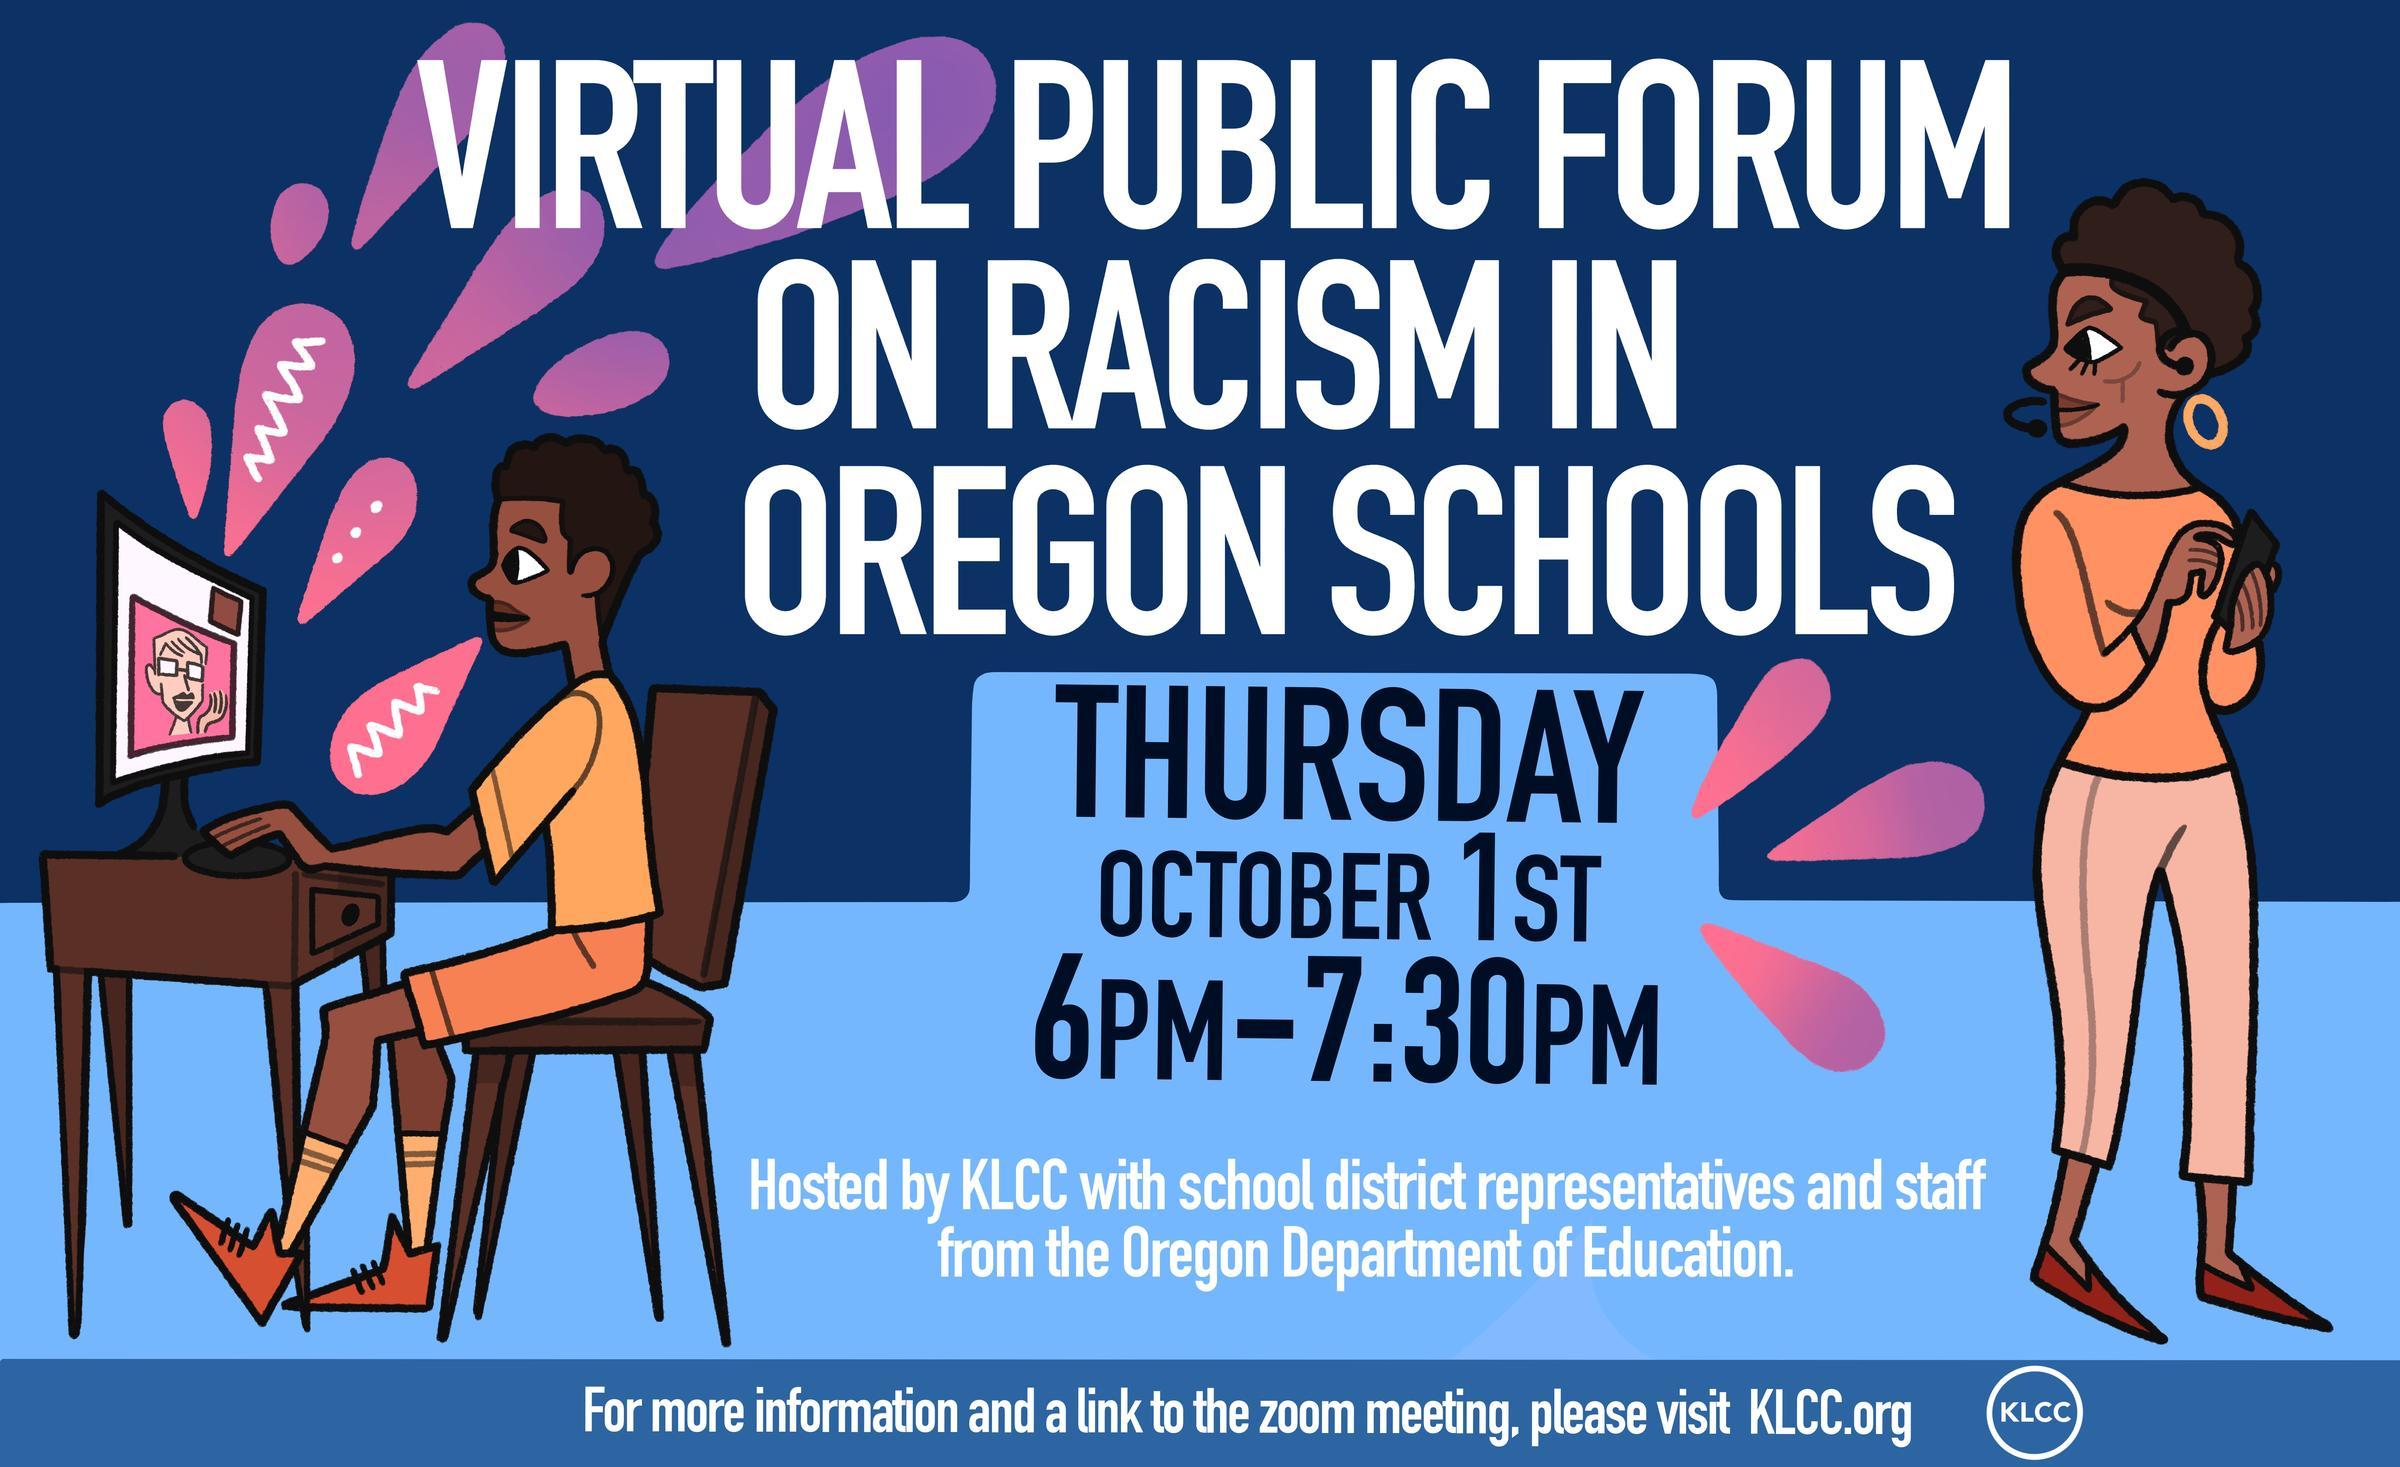 Virtual Public Forum: Racism in Oregon Schools